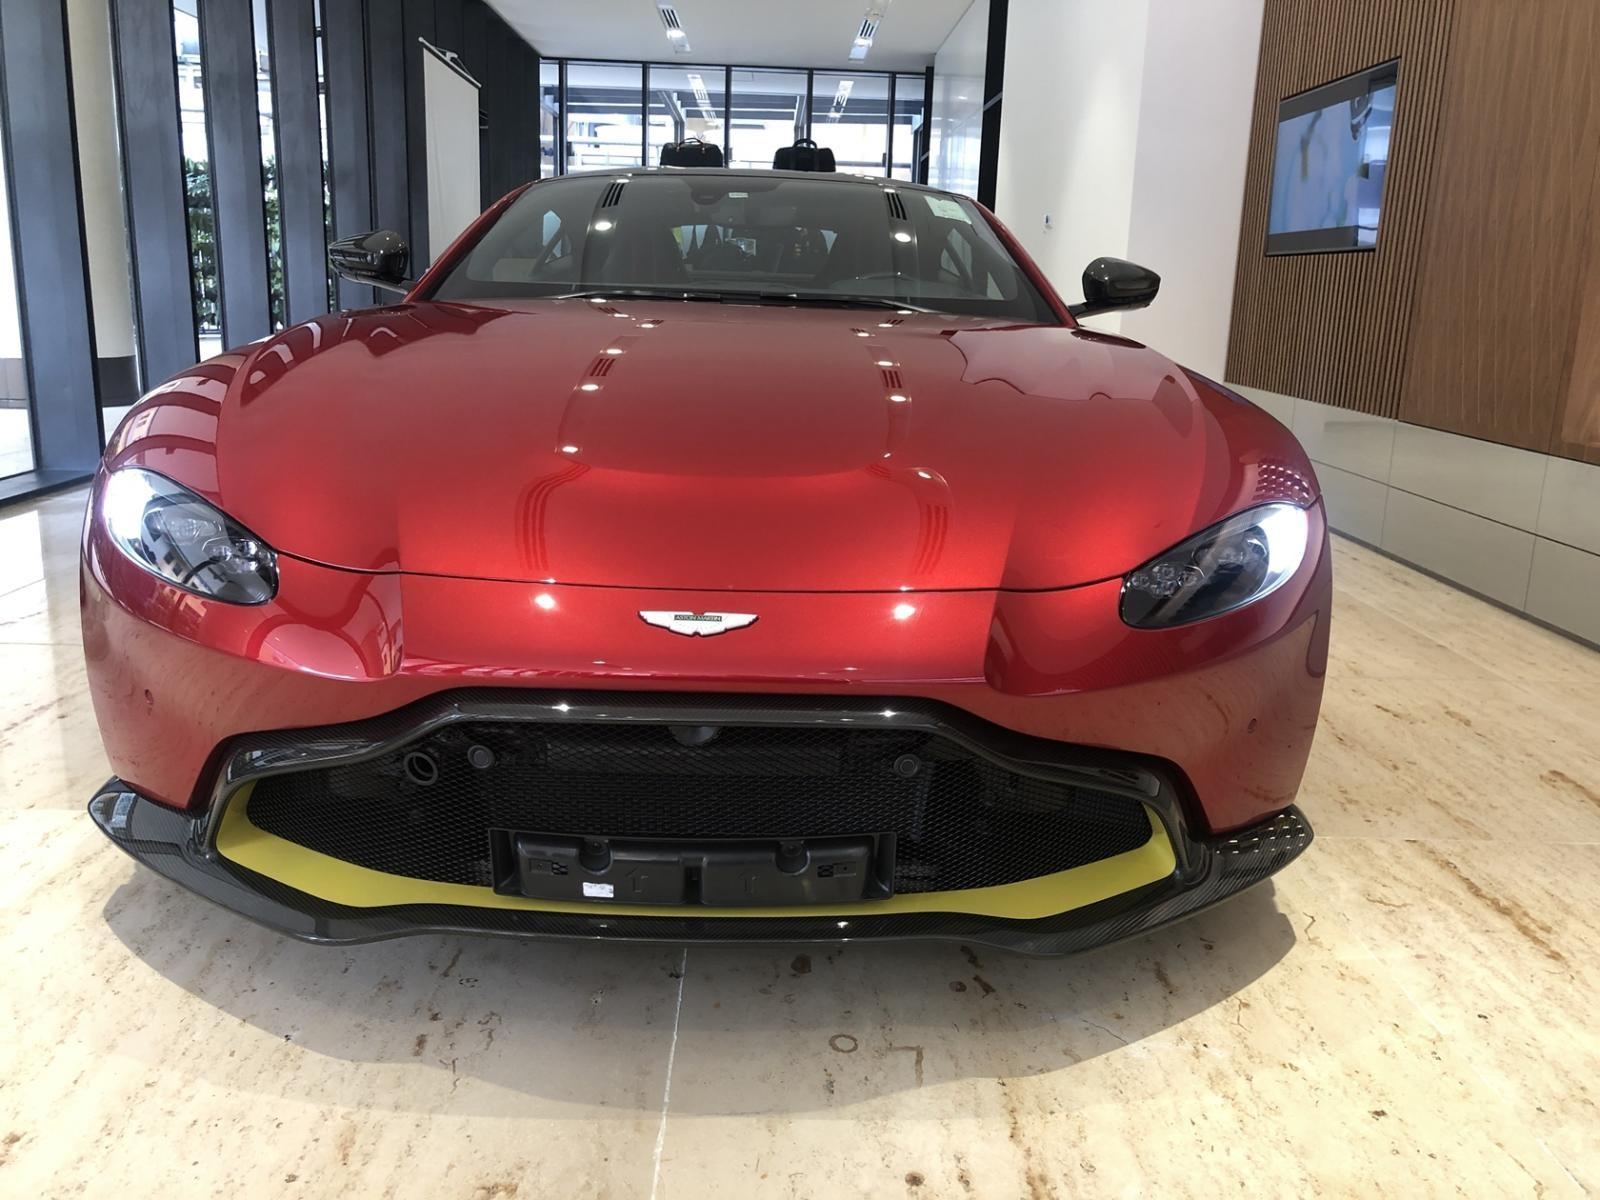 Aston Martin V8 Vantage 2018 được chào bán chính hãng 14,988 tỷ đồng tại Việt Nam